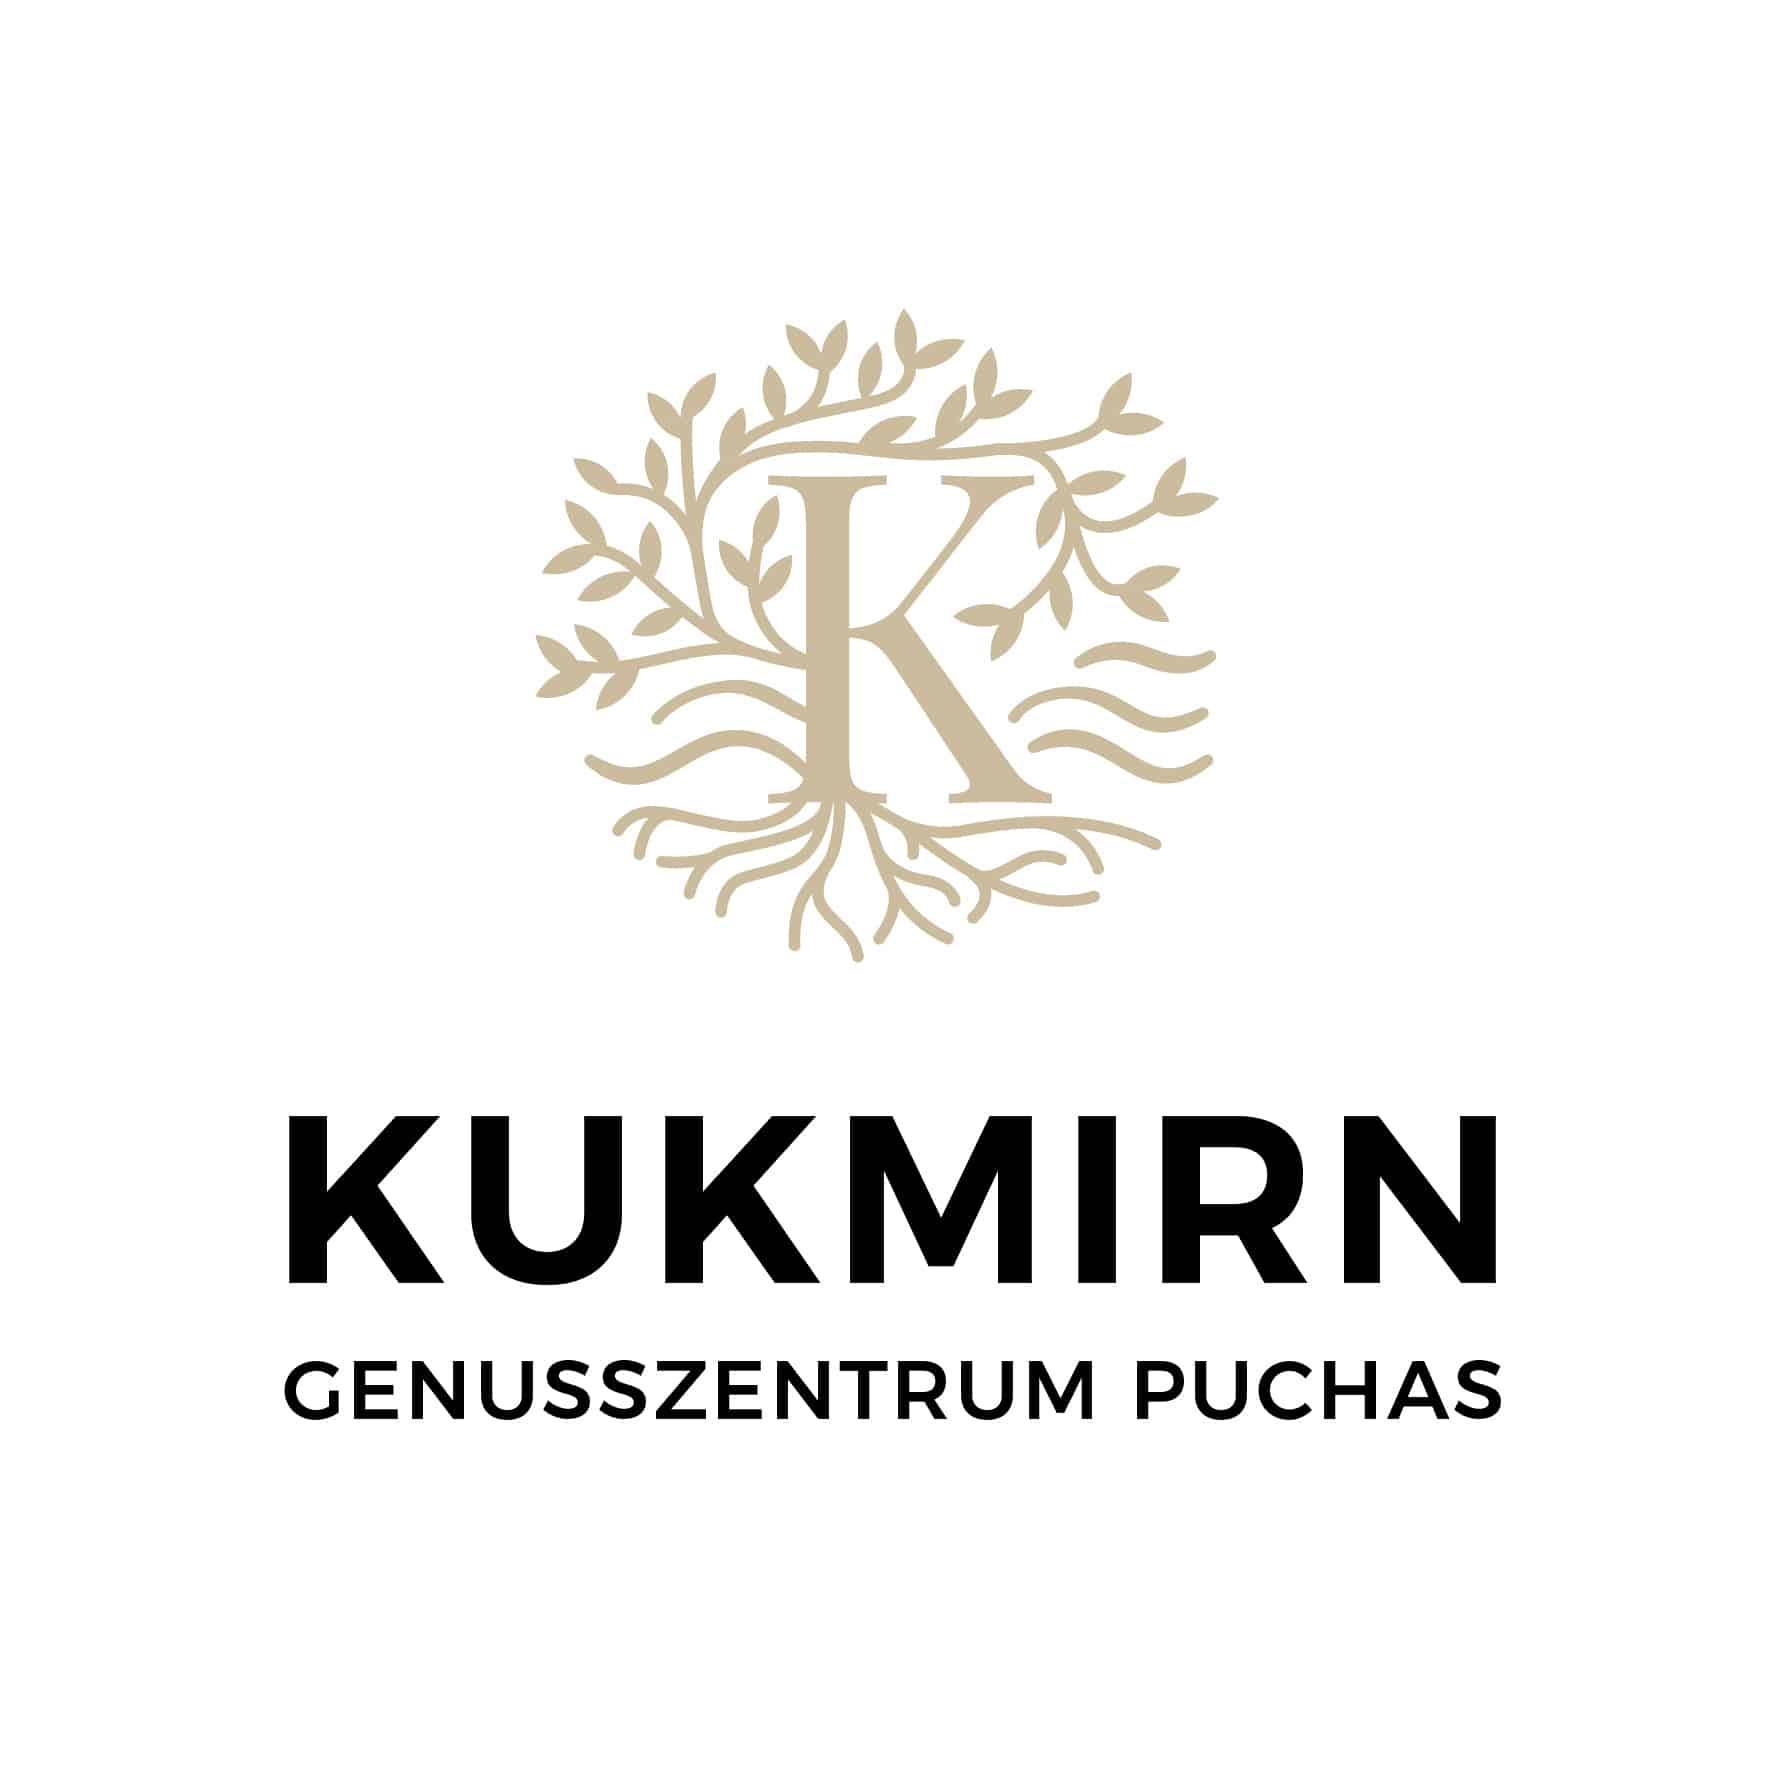 20-09-22_4c_marke_kukmirn_genusszentrum-puchas